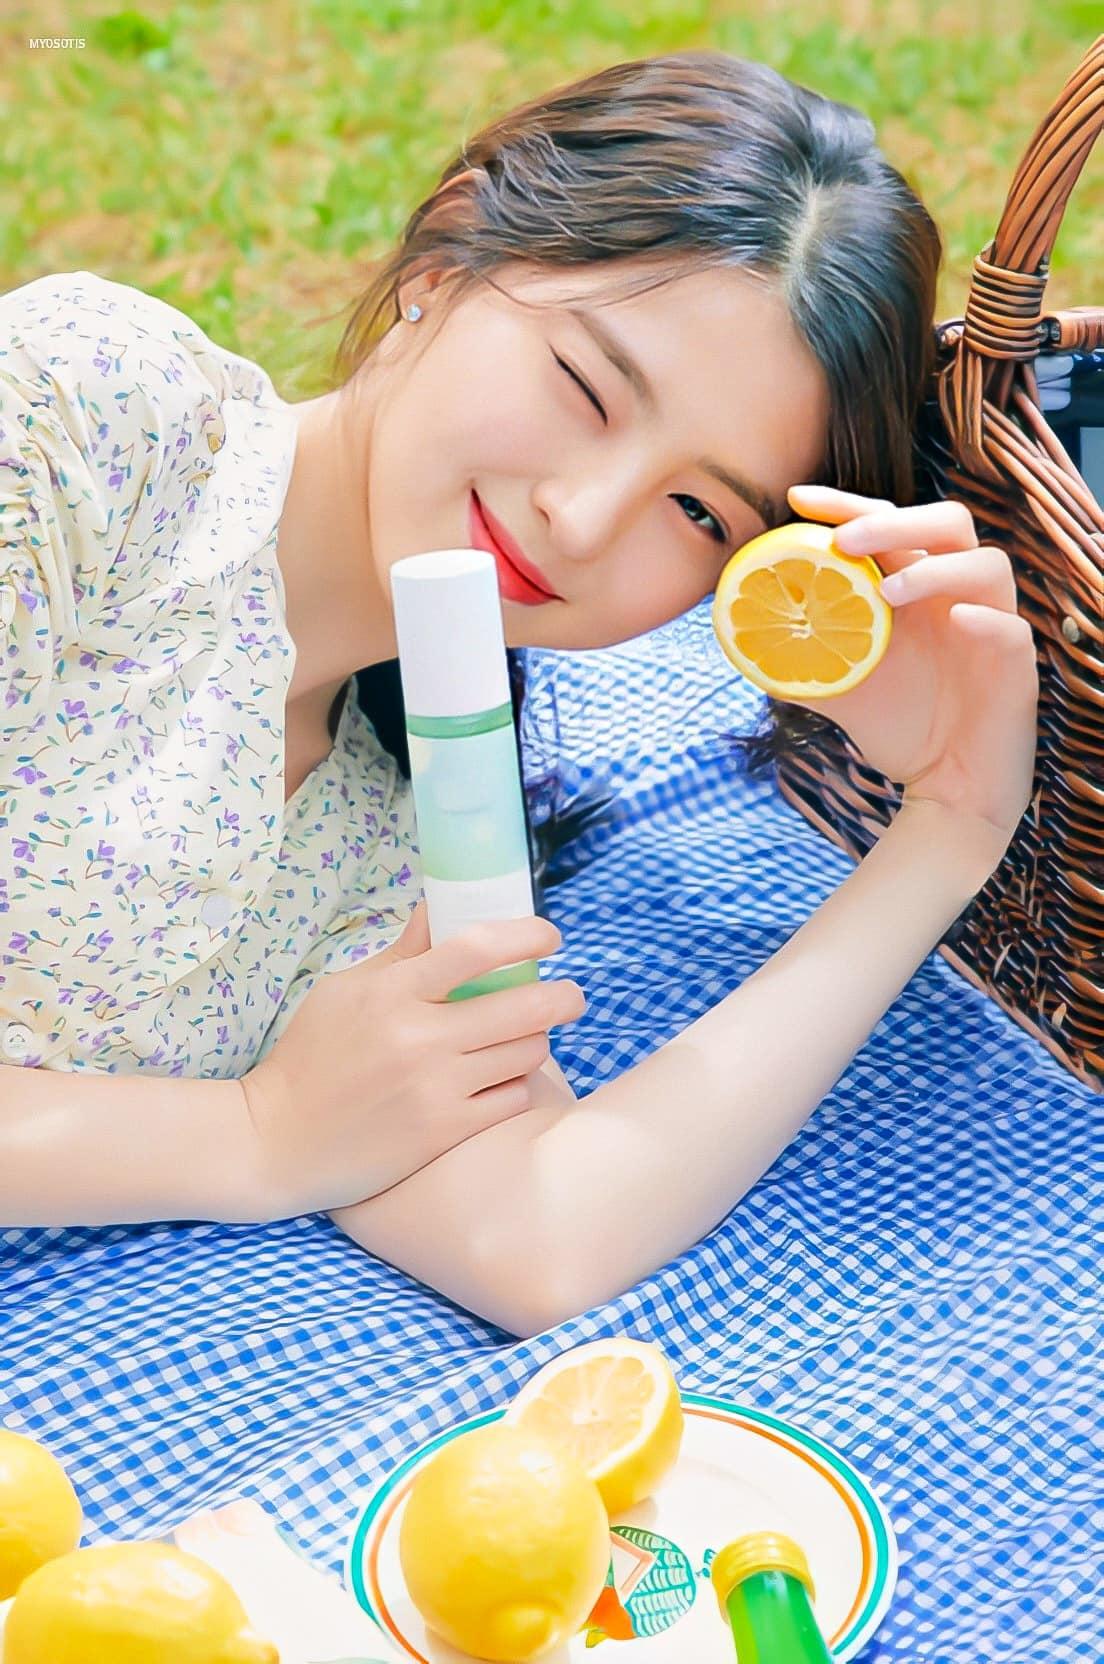 Vẻ đẹp kiêu sa và đầy tươi mới của Han So Hee hứa hẹn sẽ giúp cô giành được thêm nhiều hợp đồng quảng cáo thời gian tới.